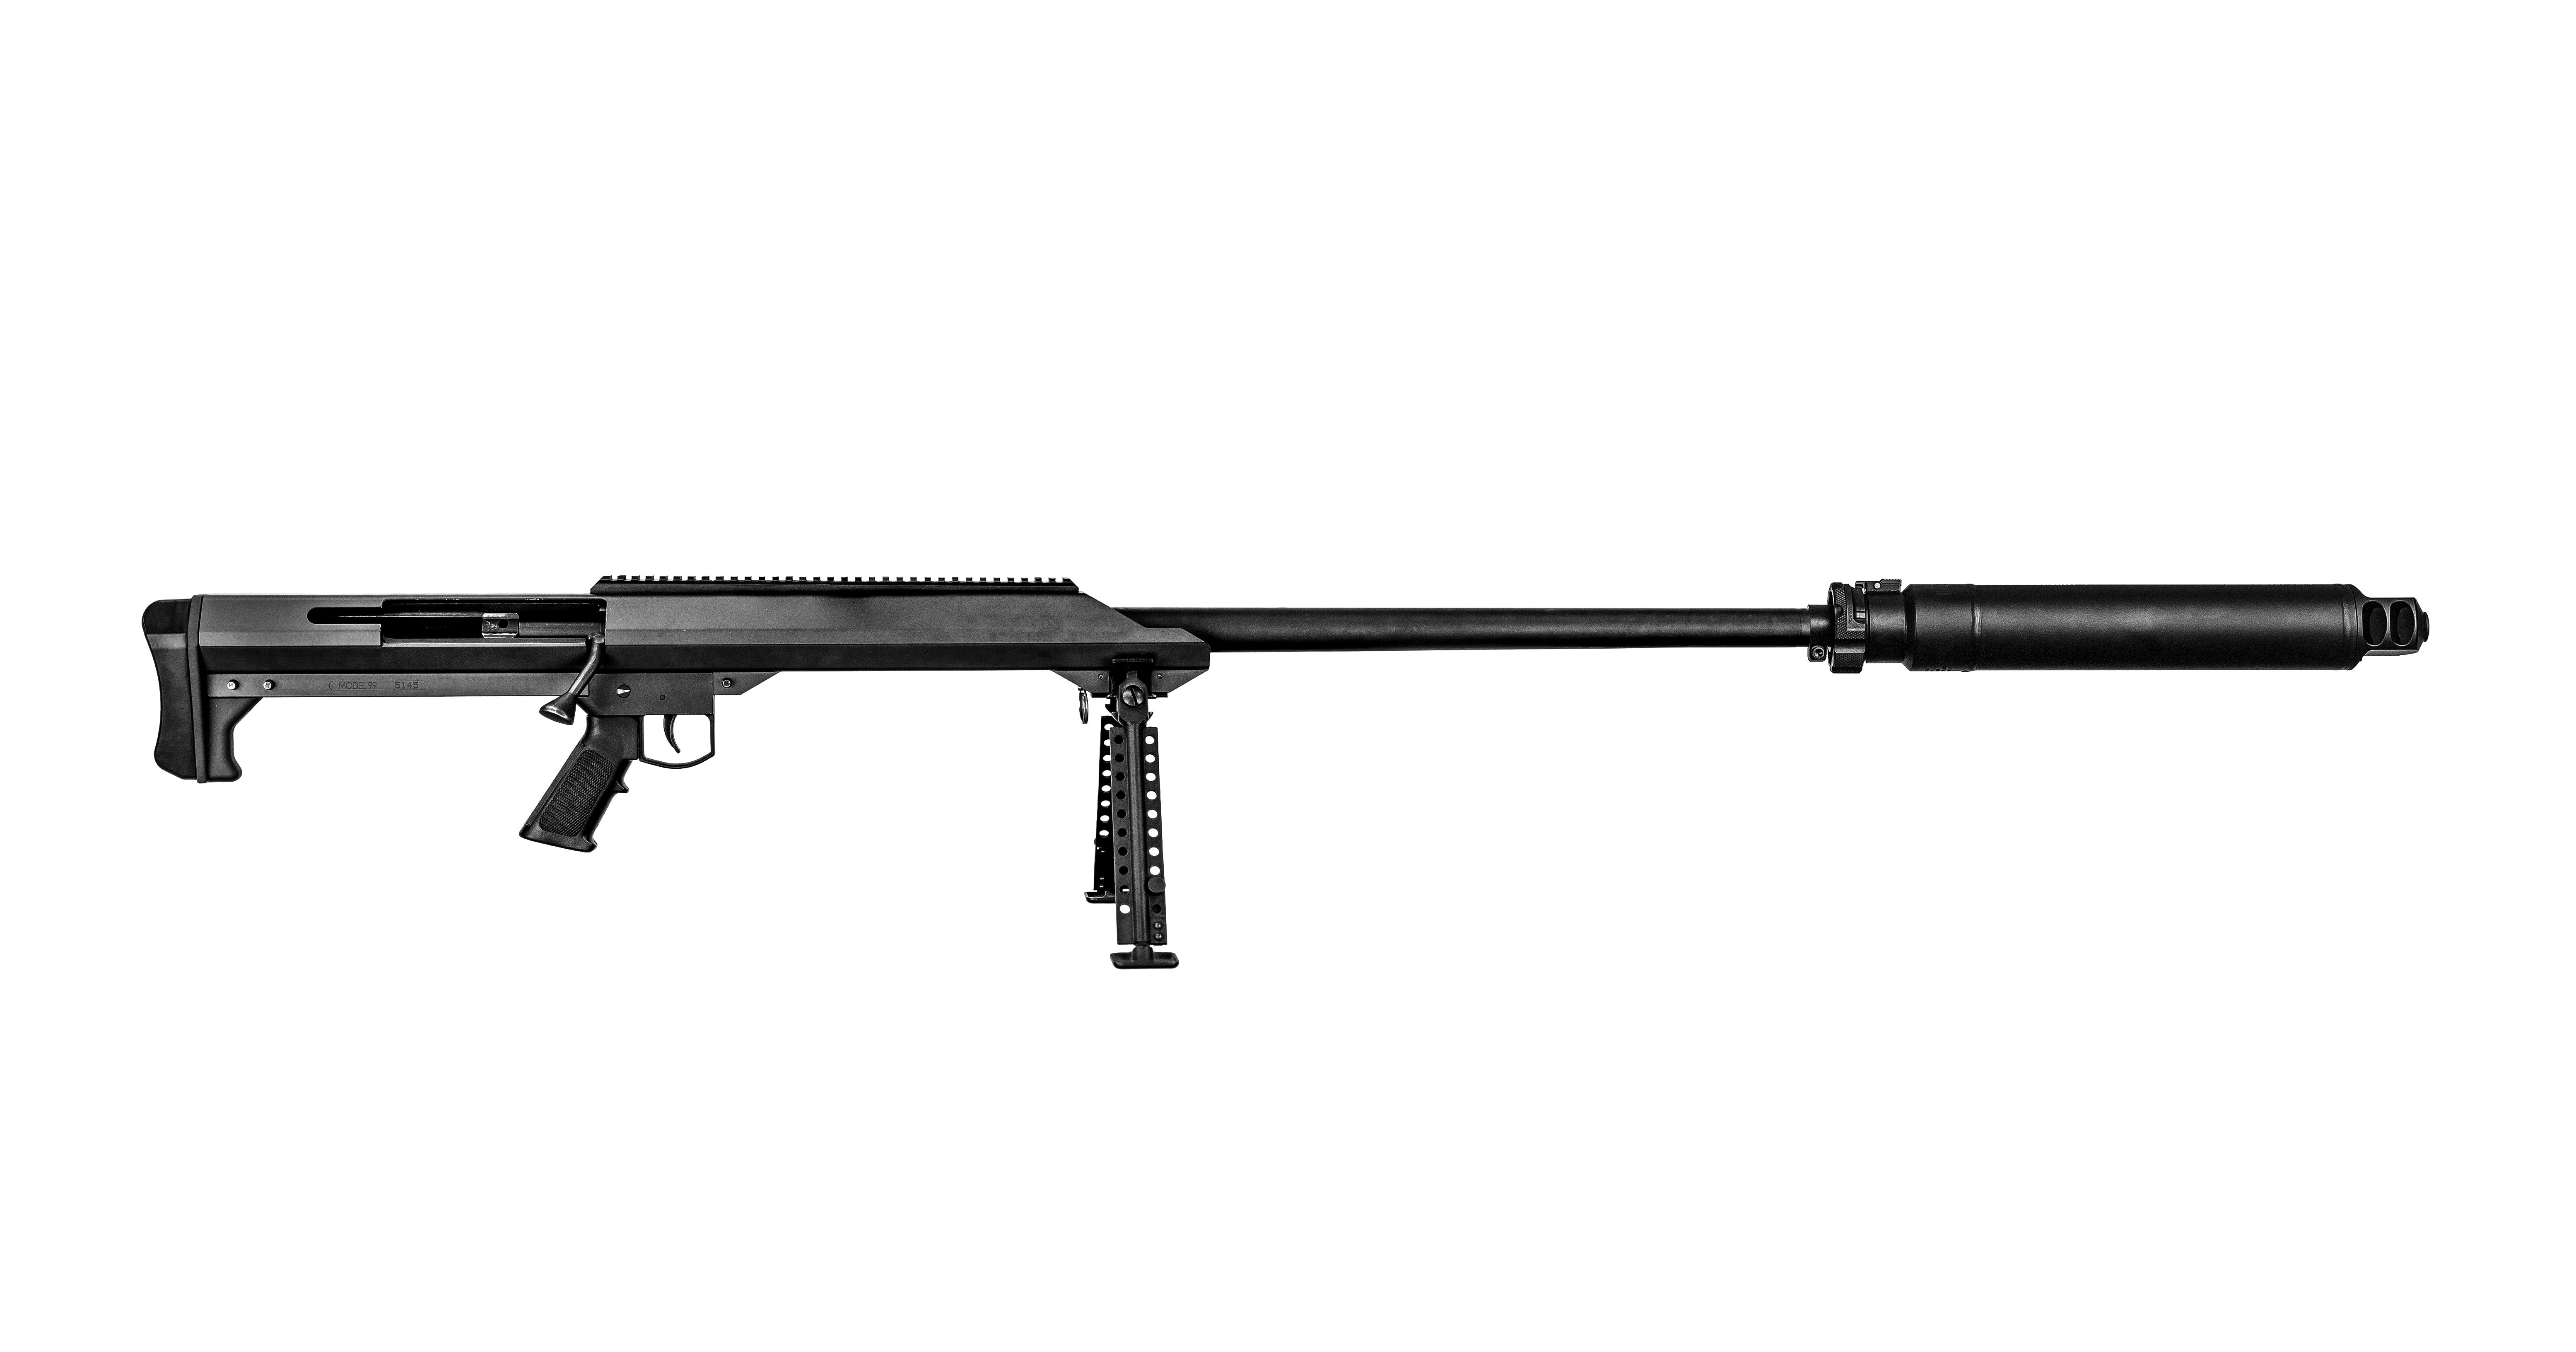 Barrett Firearms MODEL 99 50 BMG